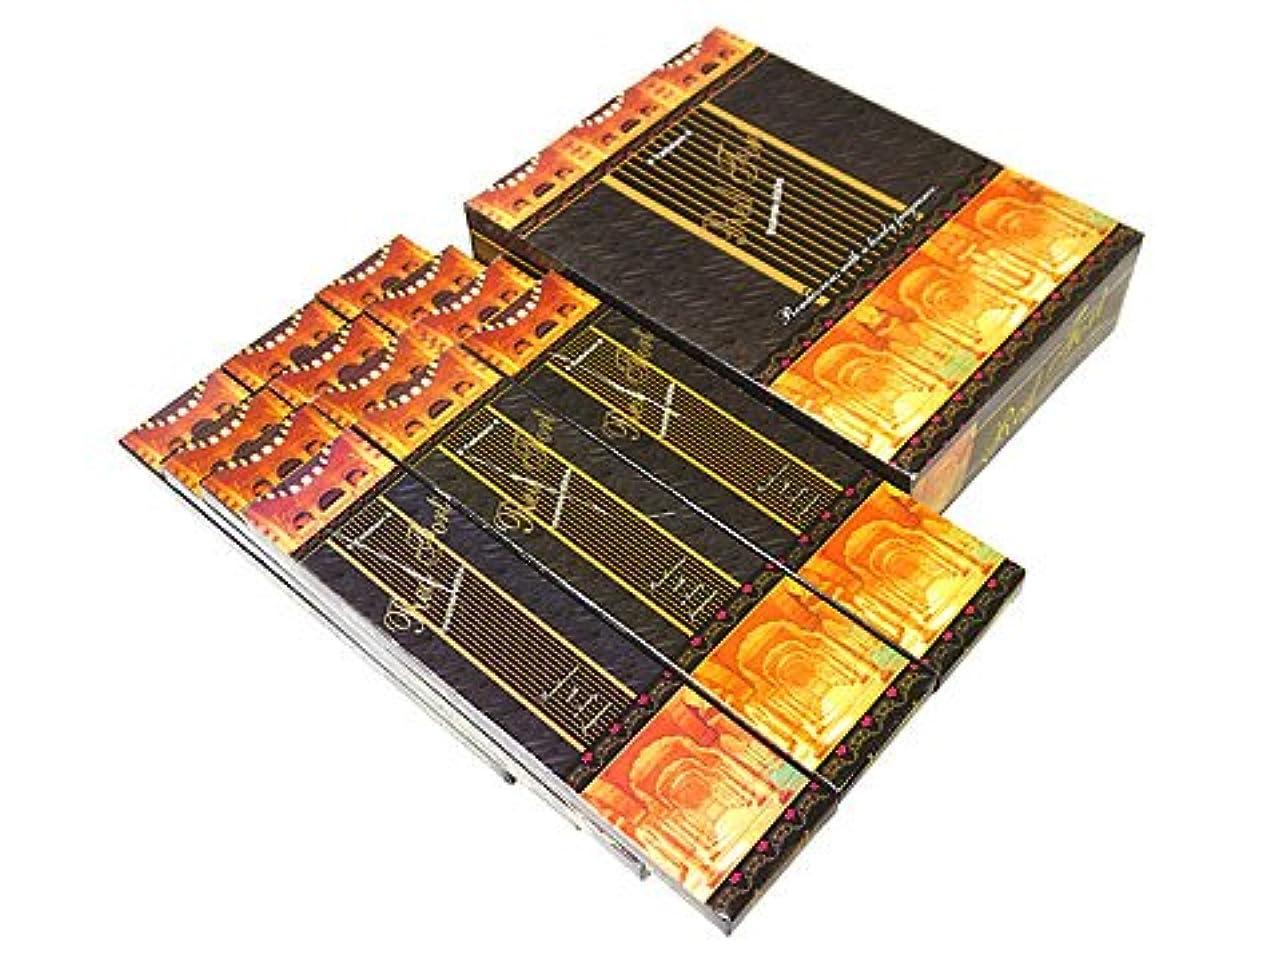 コインランドリー測るYADALAM(ヤーダラム) REDFORT レッドフォート香 スティック 12箱セット